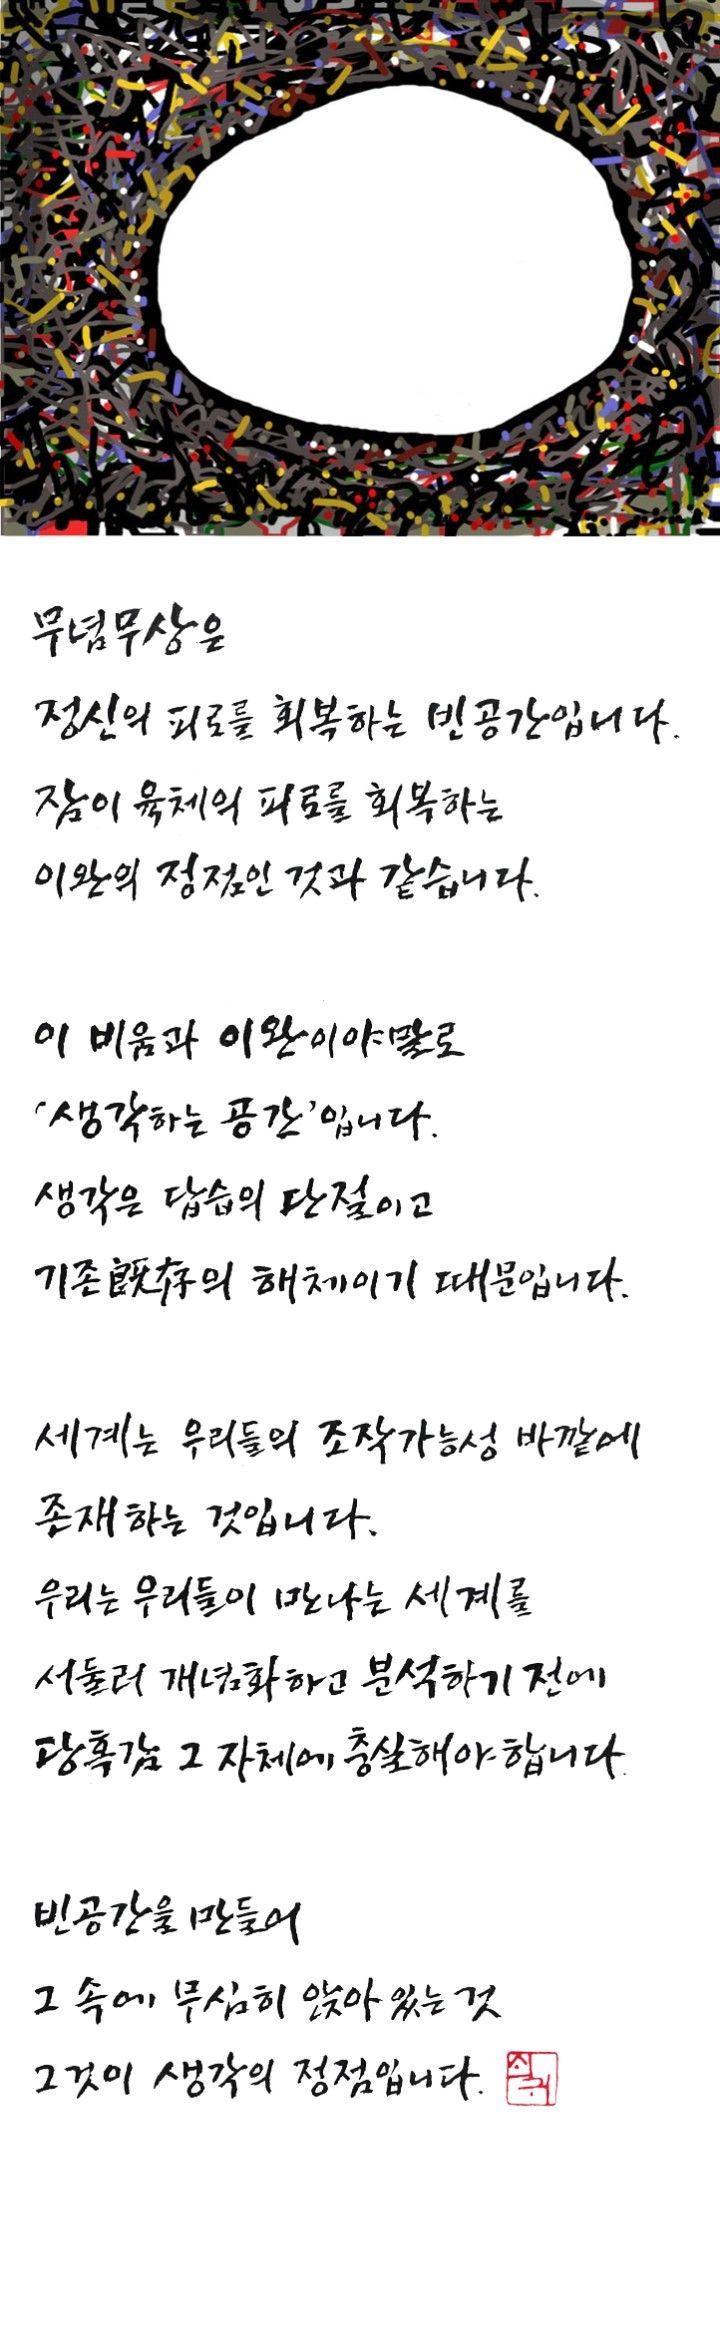 18.무념무상_02_서화.jpg